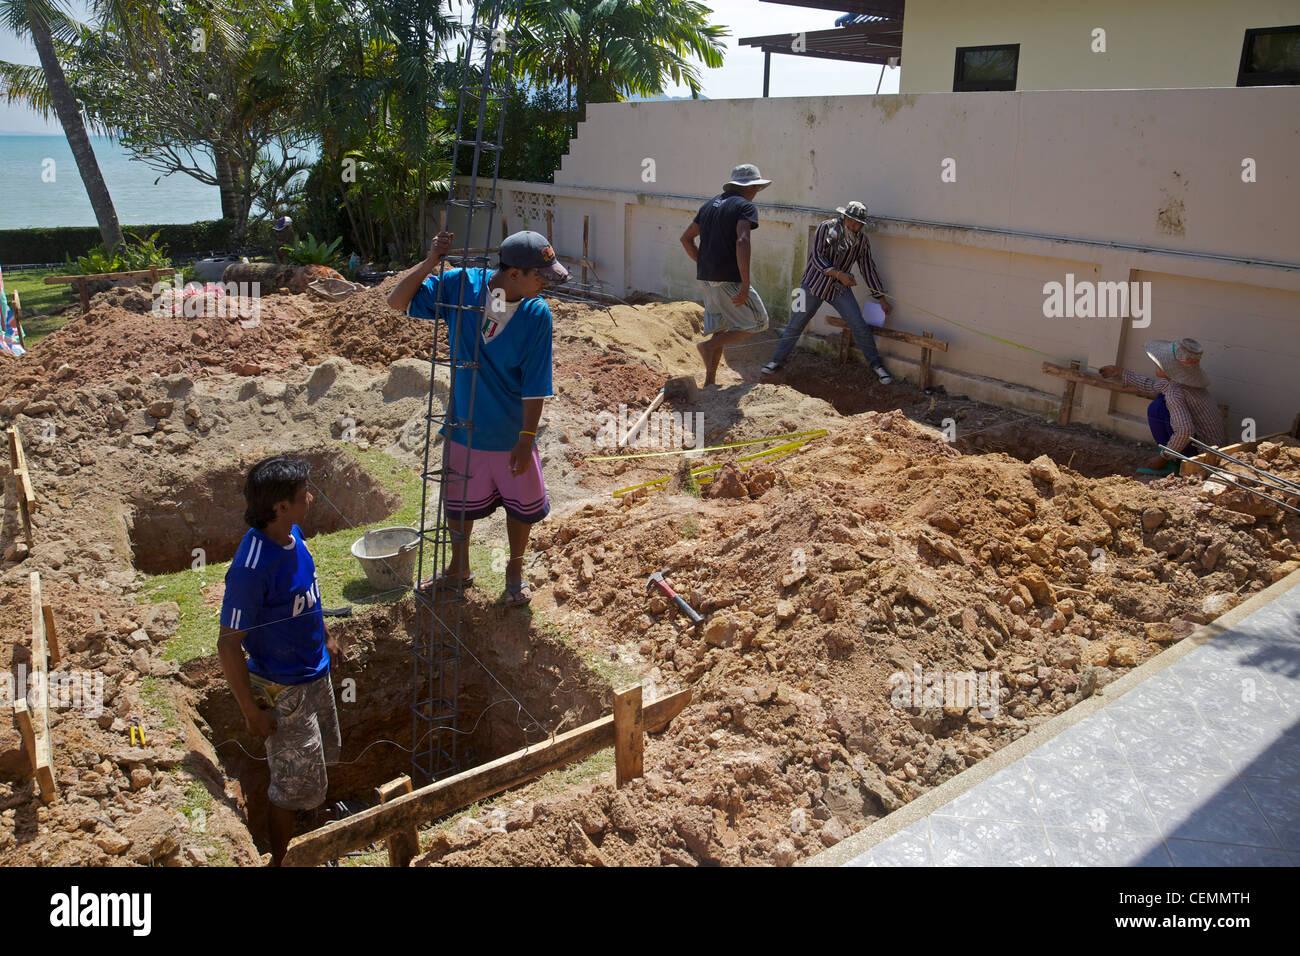 Ouvriers birmans creuser des trous pour construire une petite extension à Phuket, Thaïlande Photo Stock